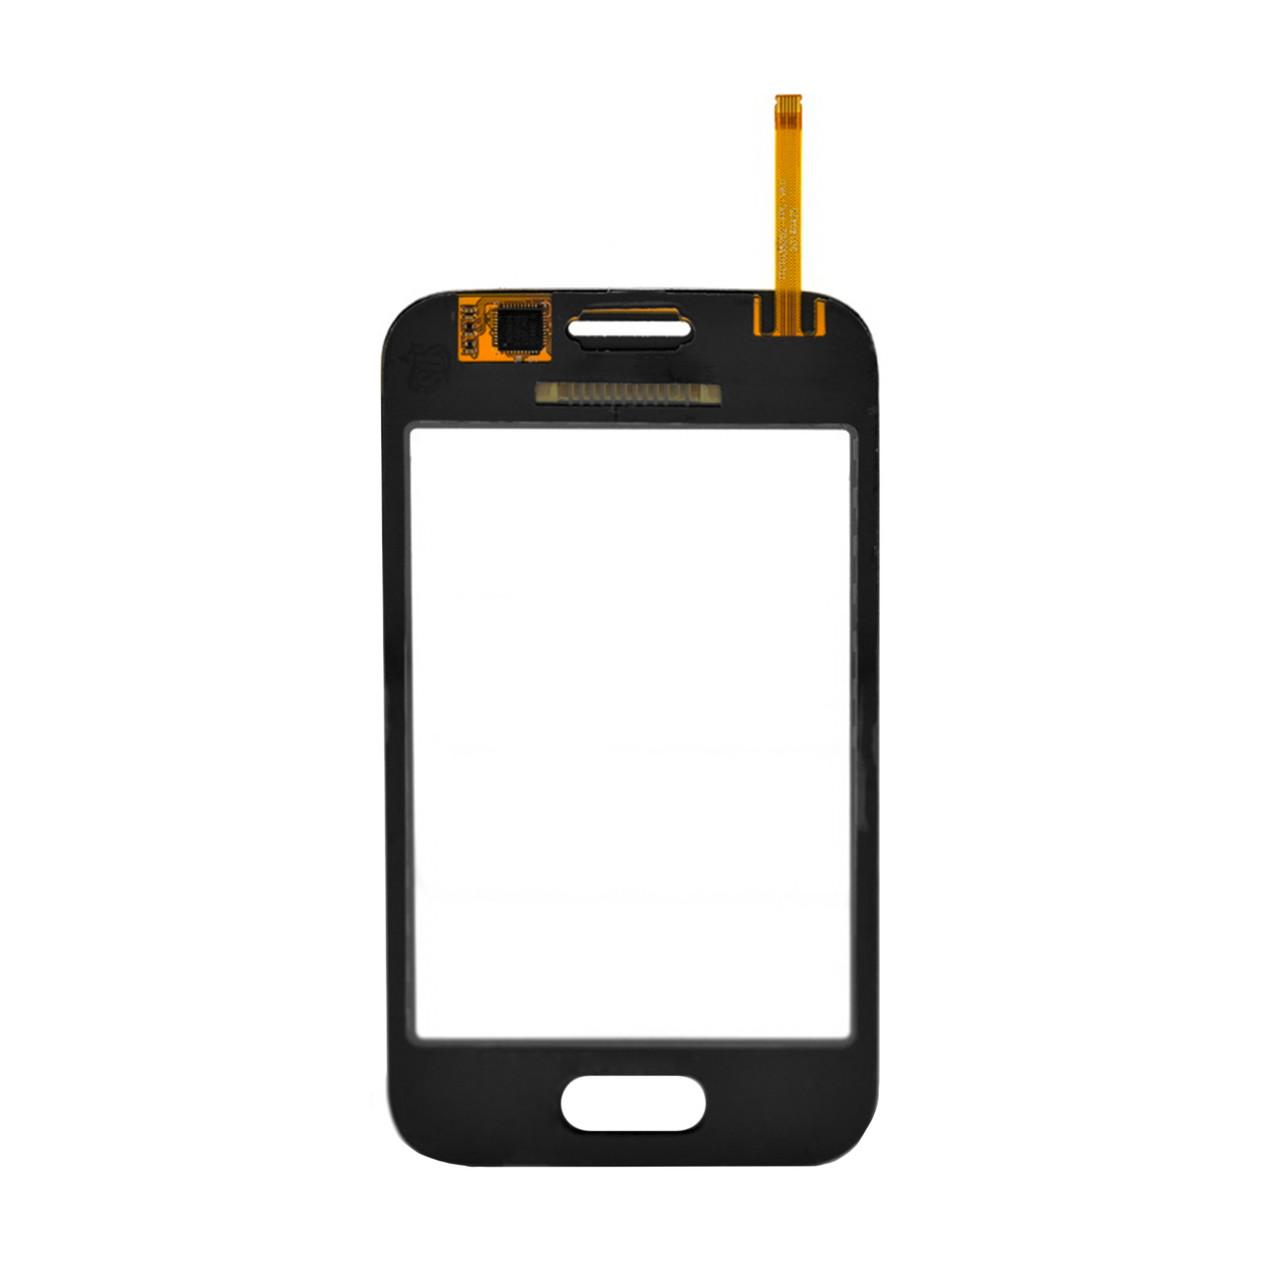 Сенсор Samsung Galaxy Star 2 G130e Black (39)